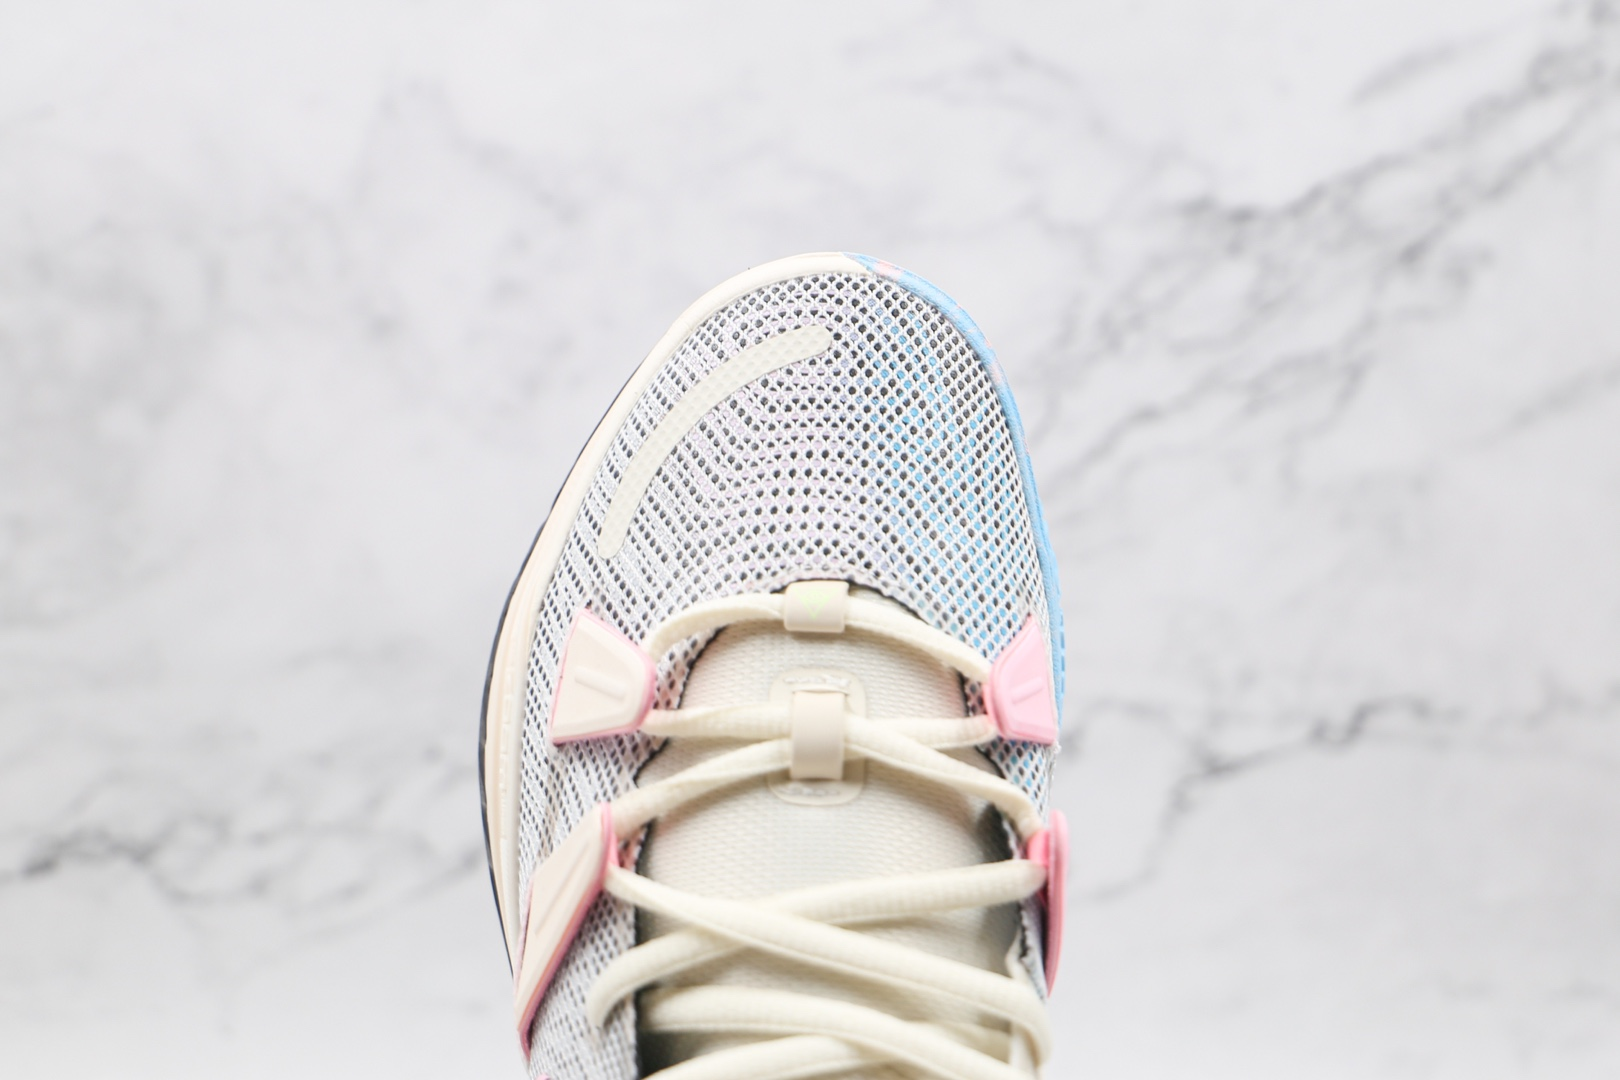 耐克NiKe Kyrie 7 Horus EP x Concepts联名款白粉蓝欧文7代篮球鞋内置气垫支持实战 货号:CZ0143-100